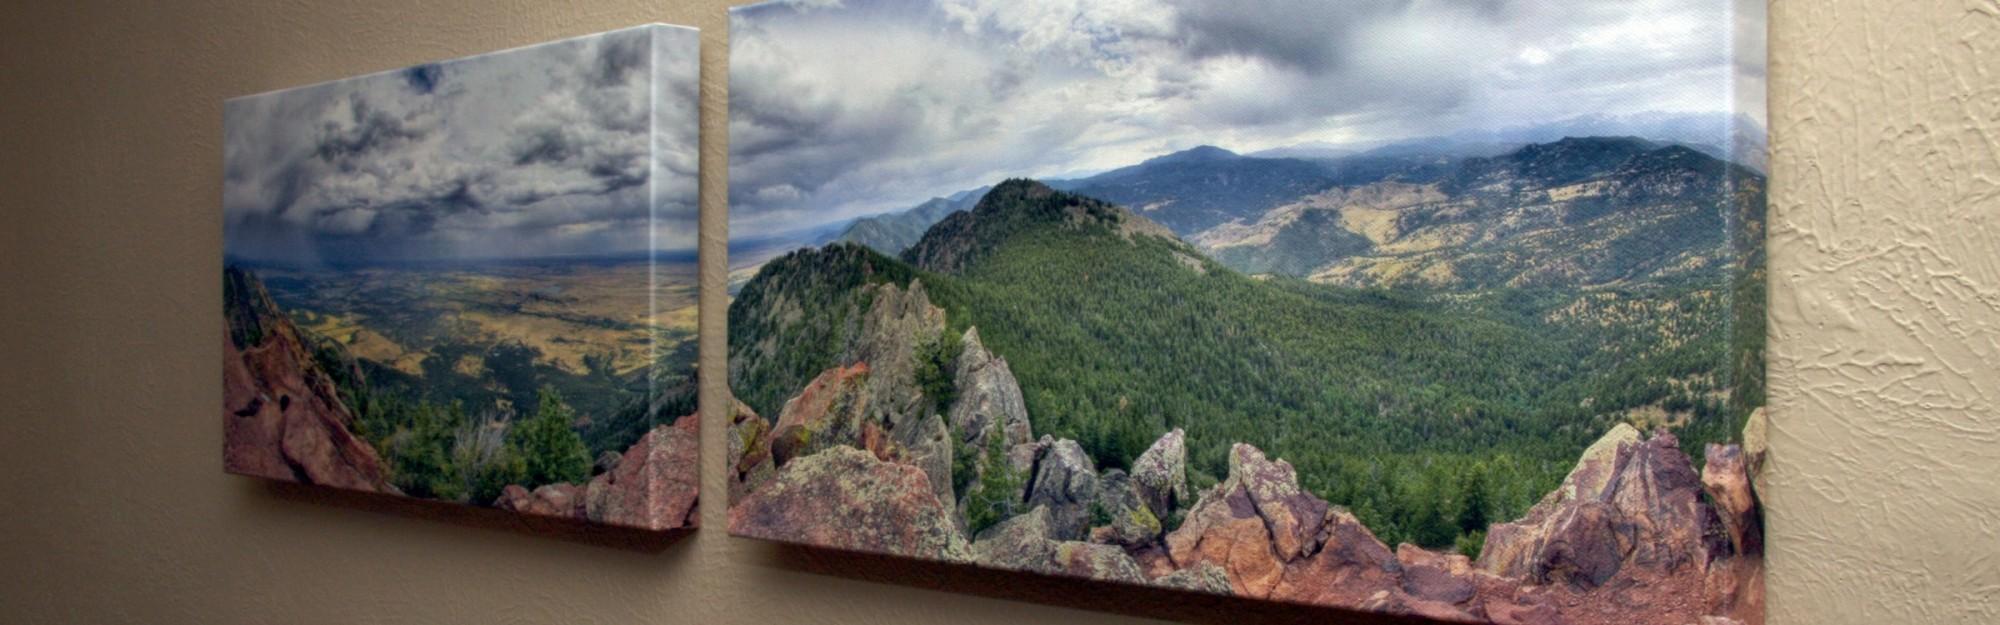 Wie kann ich Fotos auf eine Leinwand drucken lassen?